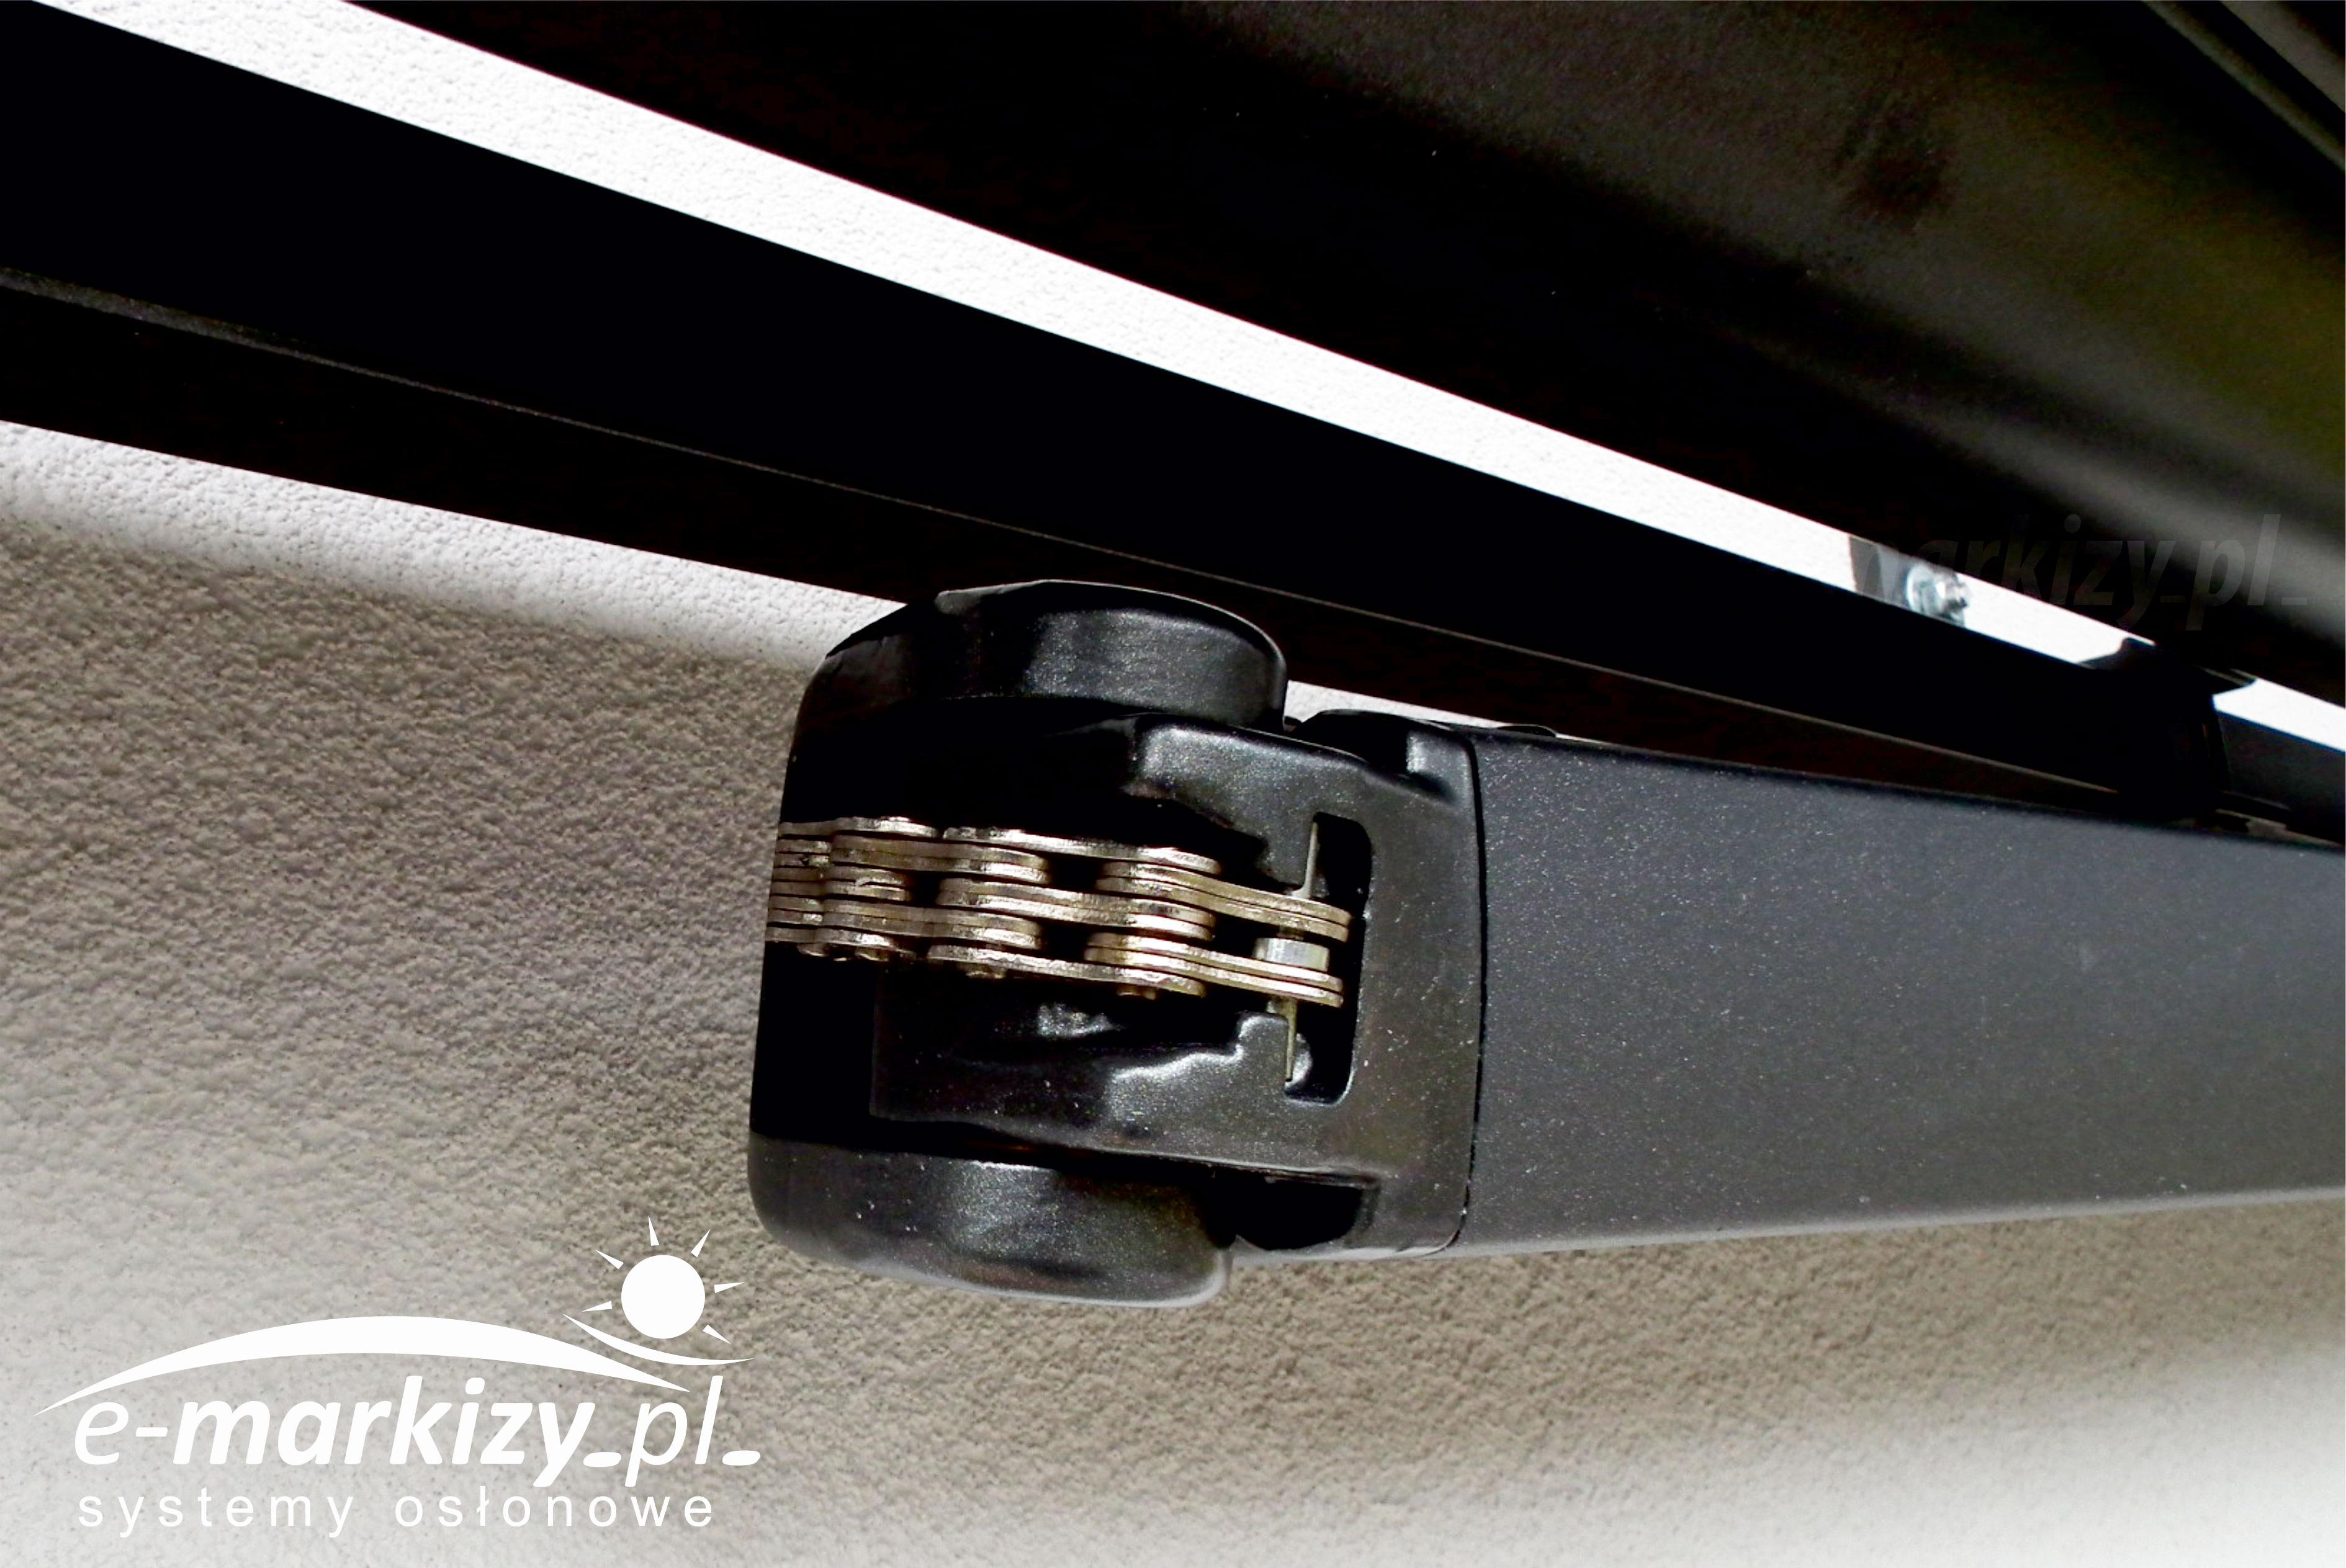 Markiza Adagio MOL, markizy dane techniczne, konfigurator, szerokość markizy adagio